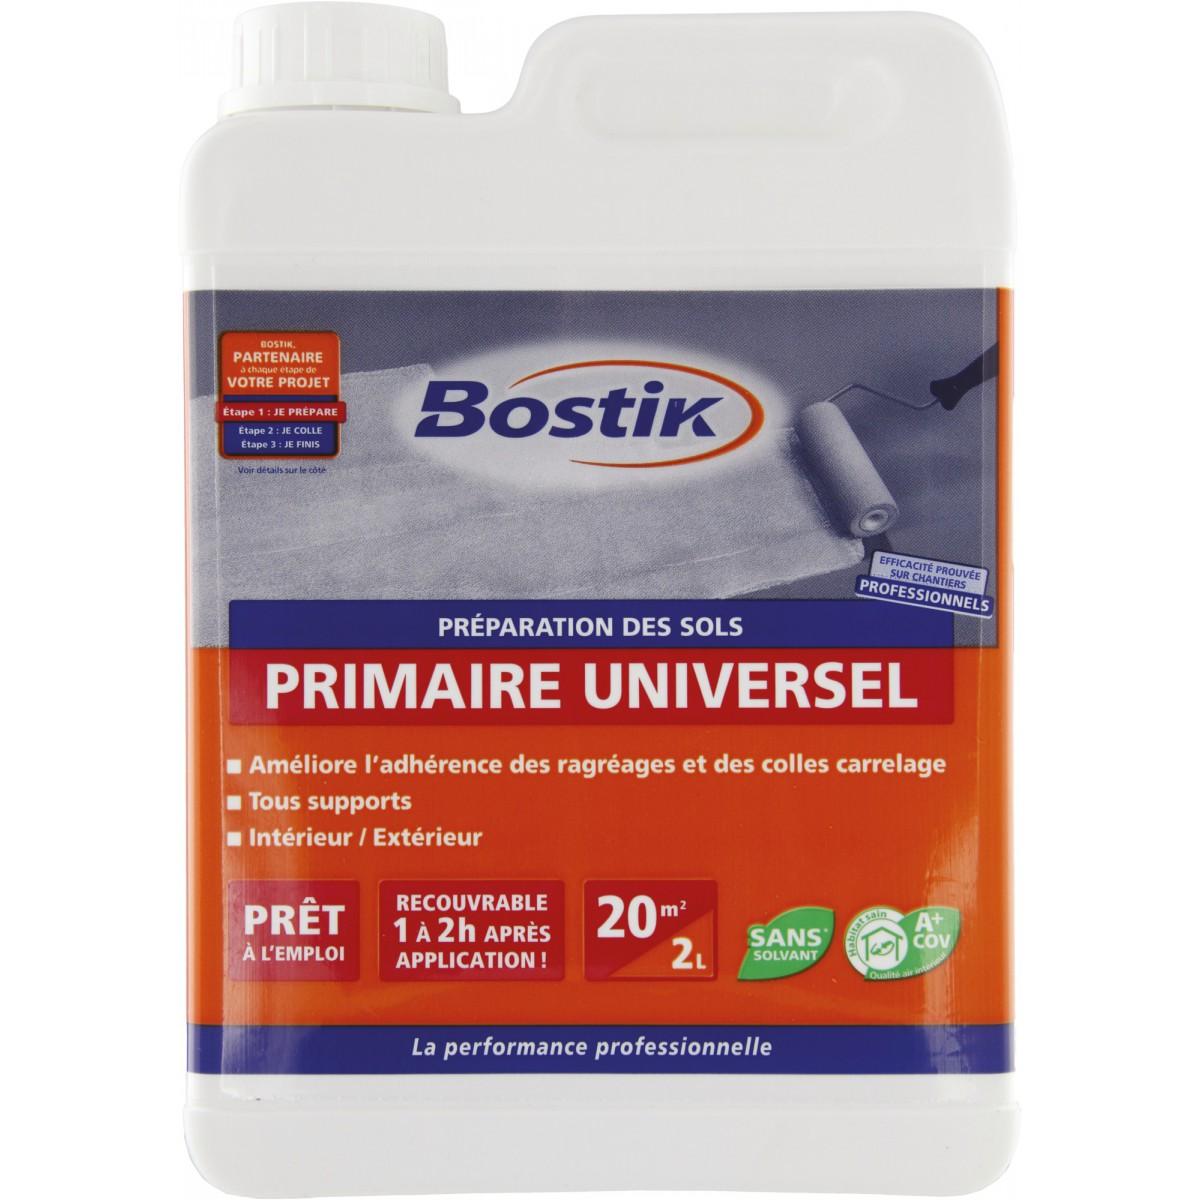 Primaire universel Bostik - Bidon 2 l